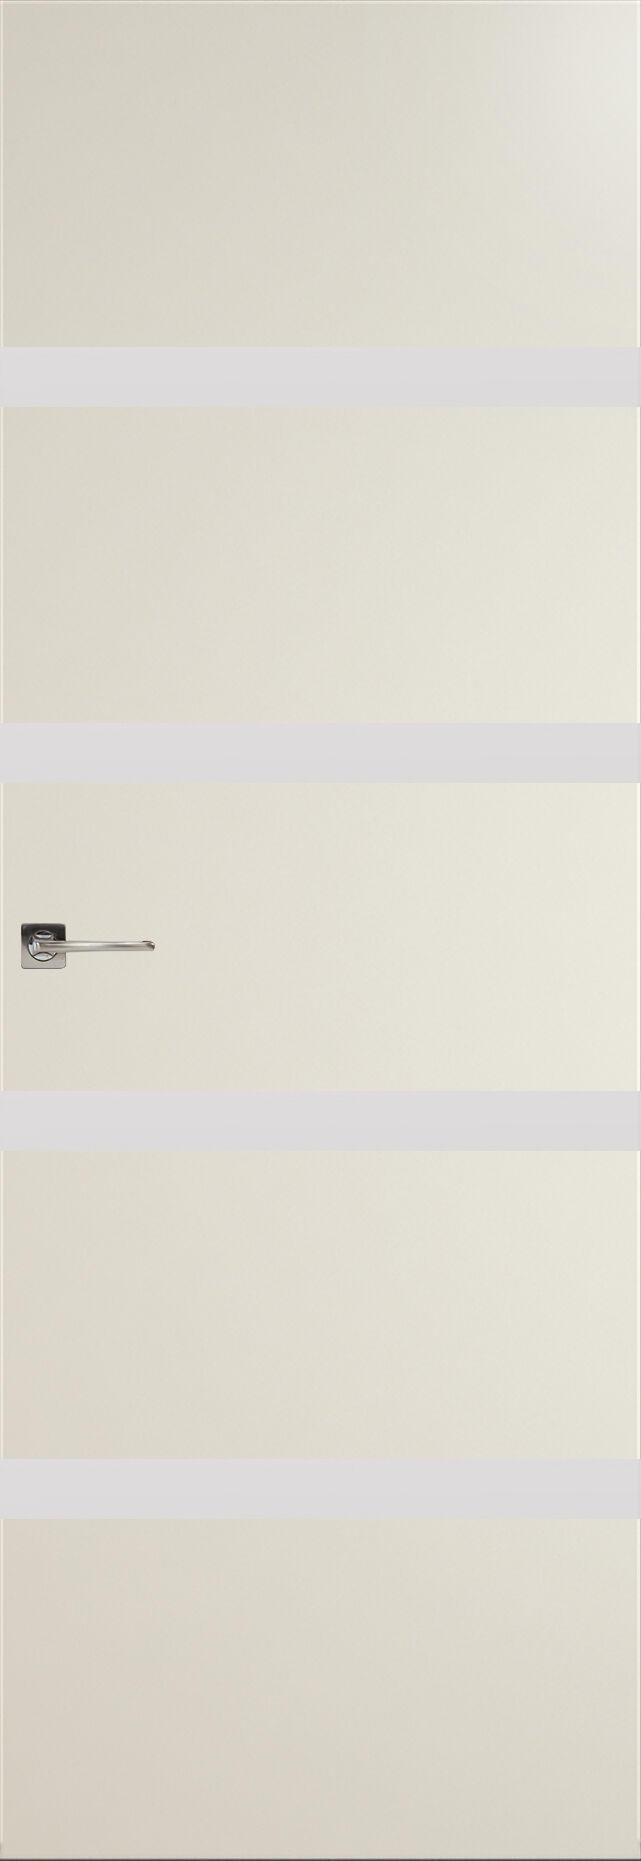 Tivoli Д-4 Невидимка цвет - Жемчужная эмаль Без стекла (ДГ)